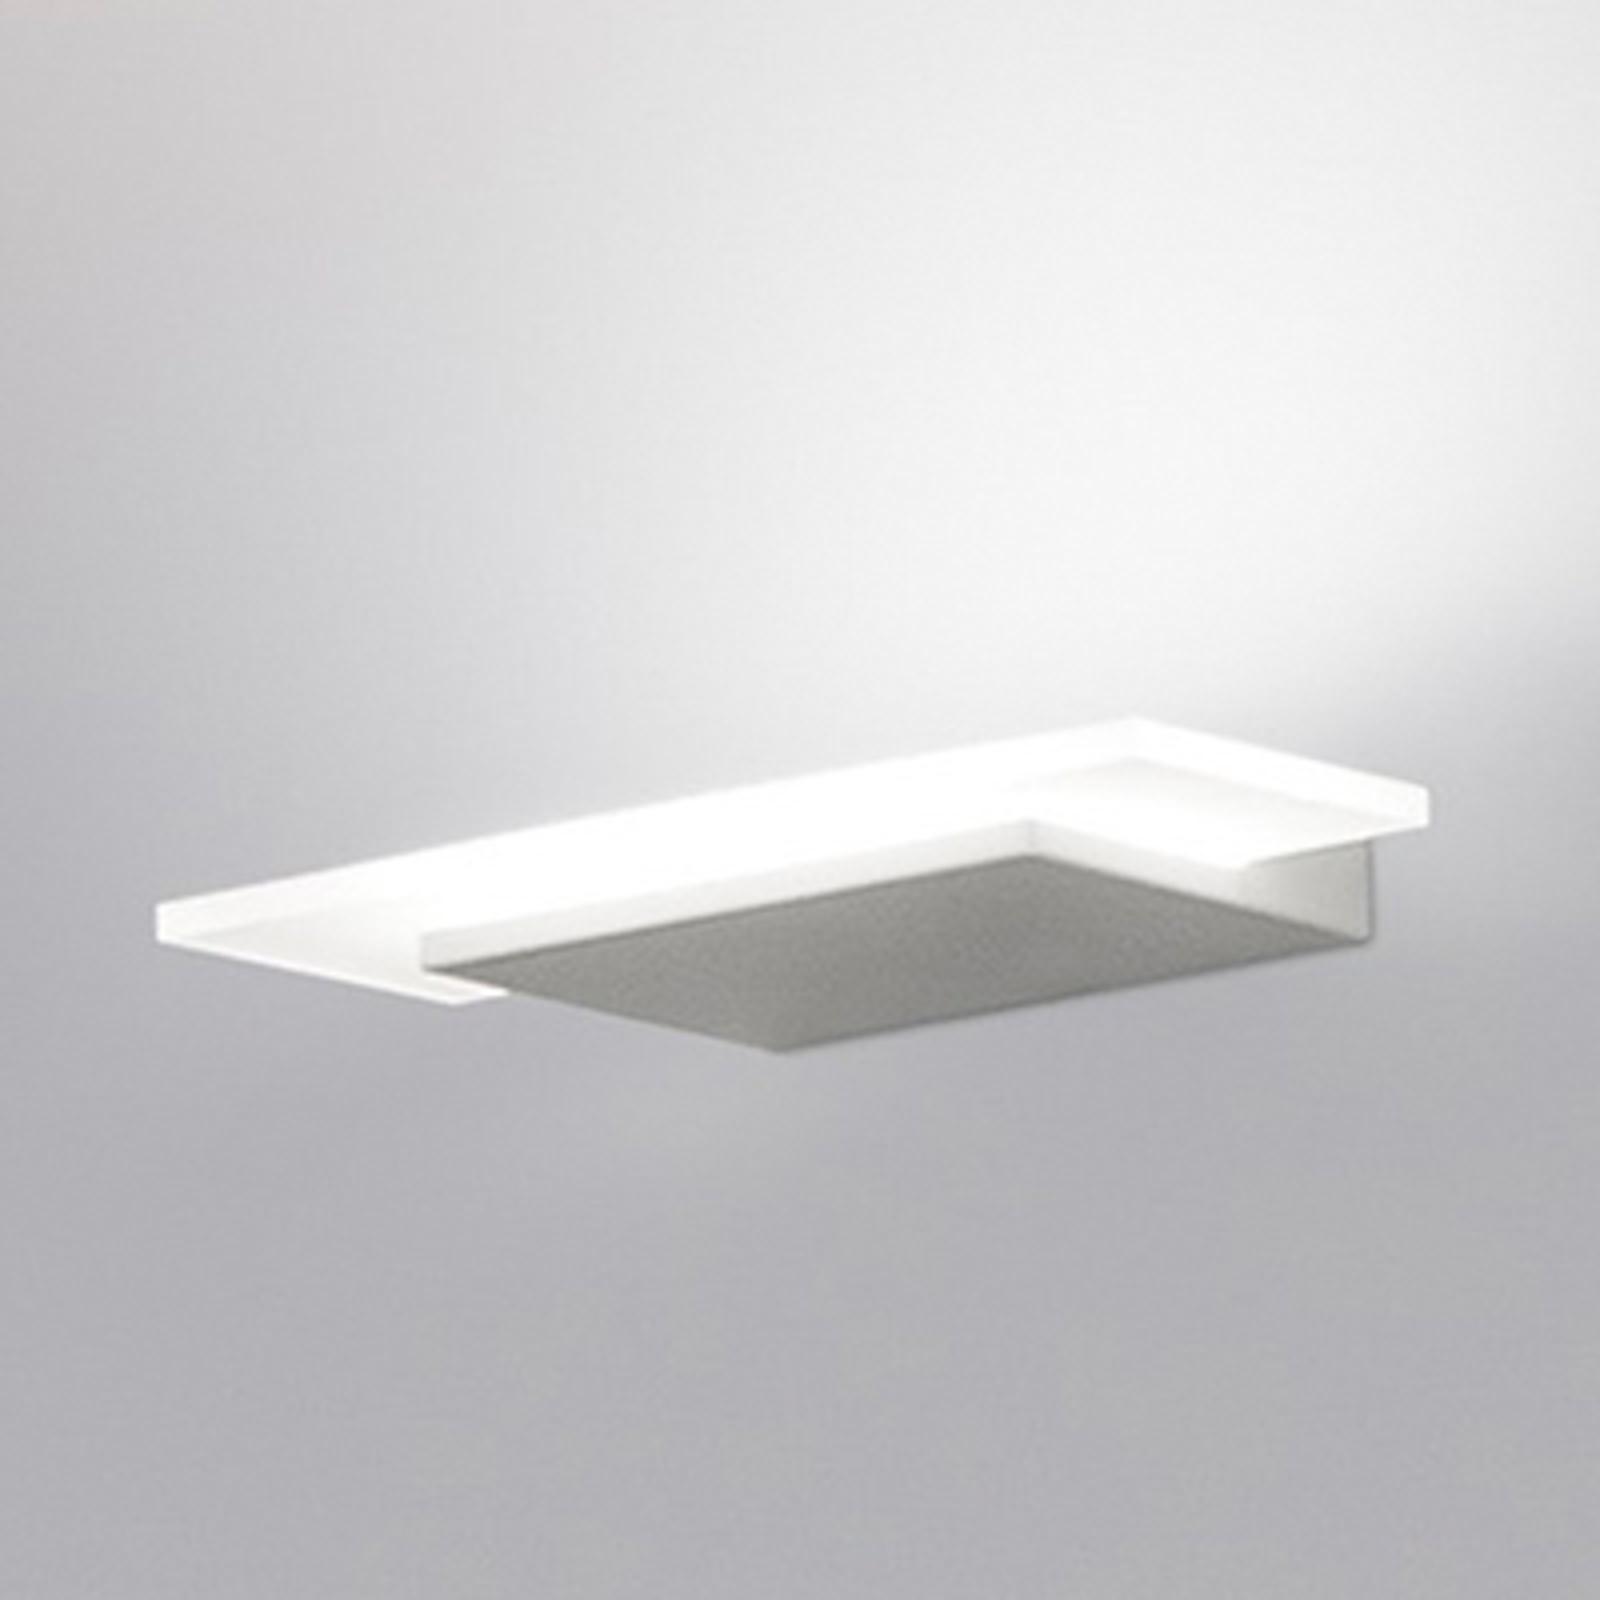 Dublight - applique LED, 30cm